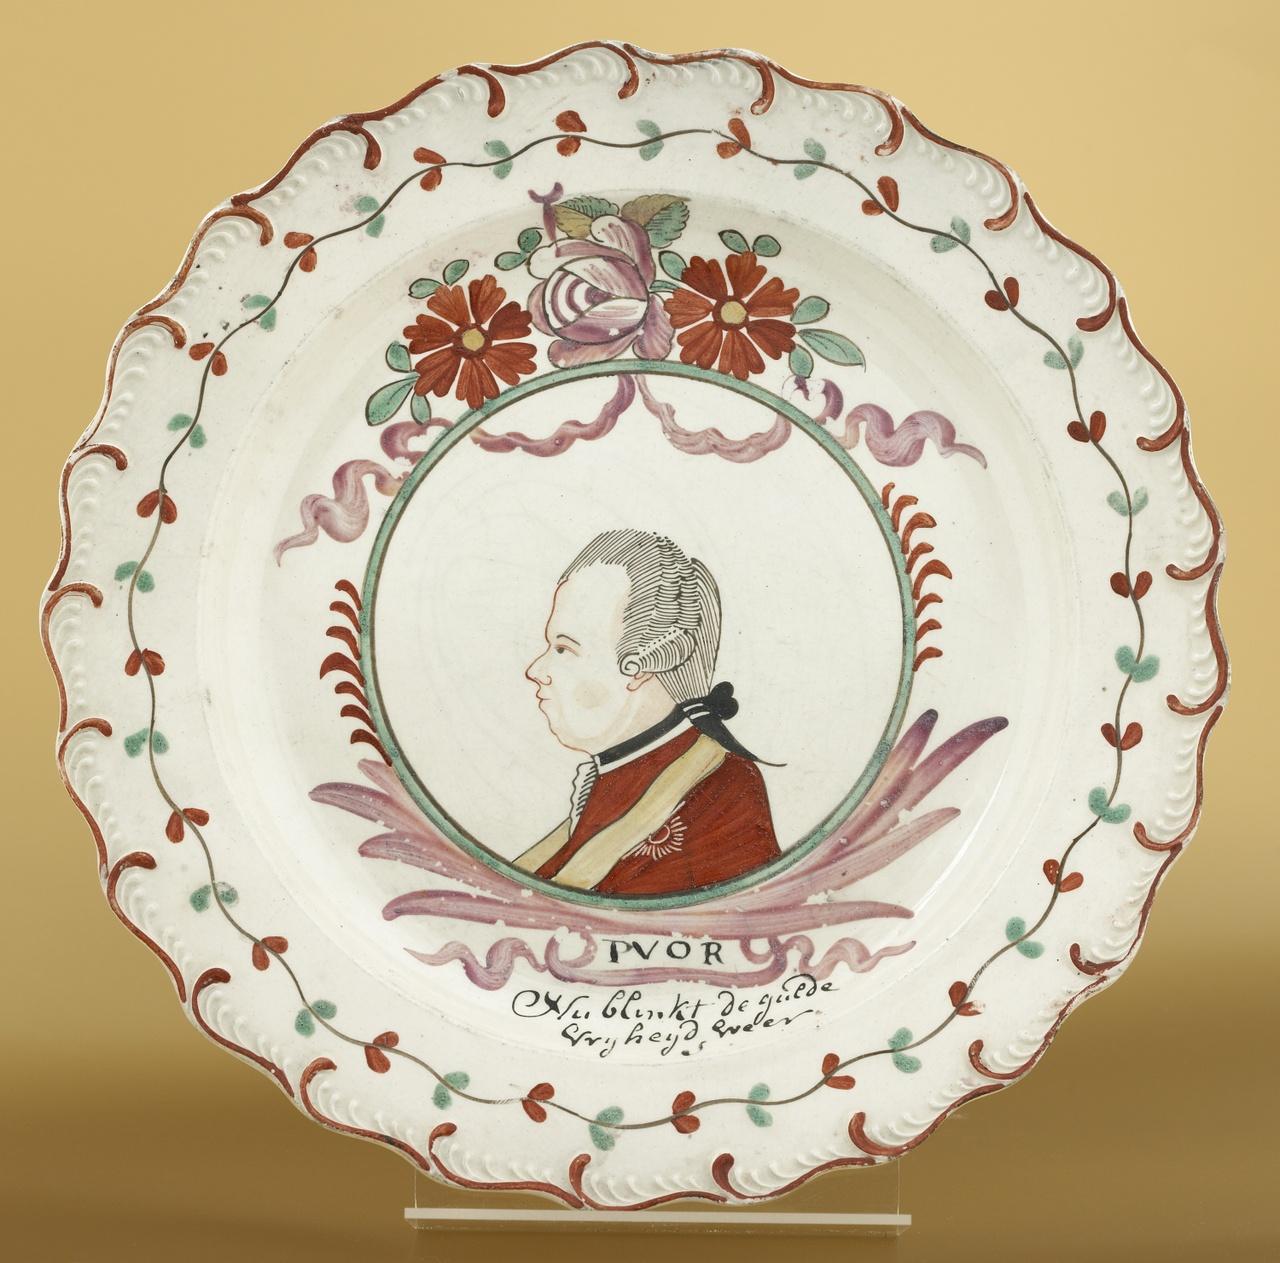 Bord met portret van Willem van Oranje